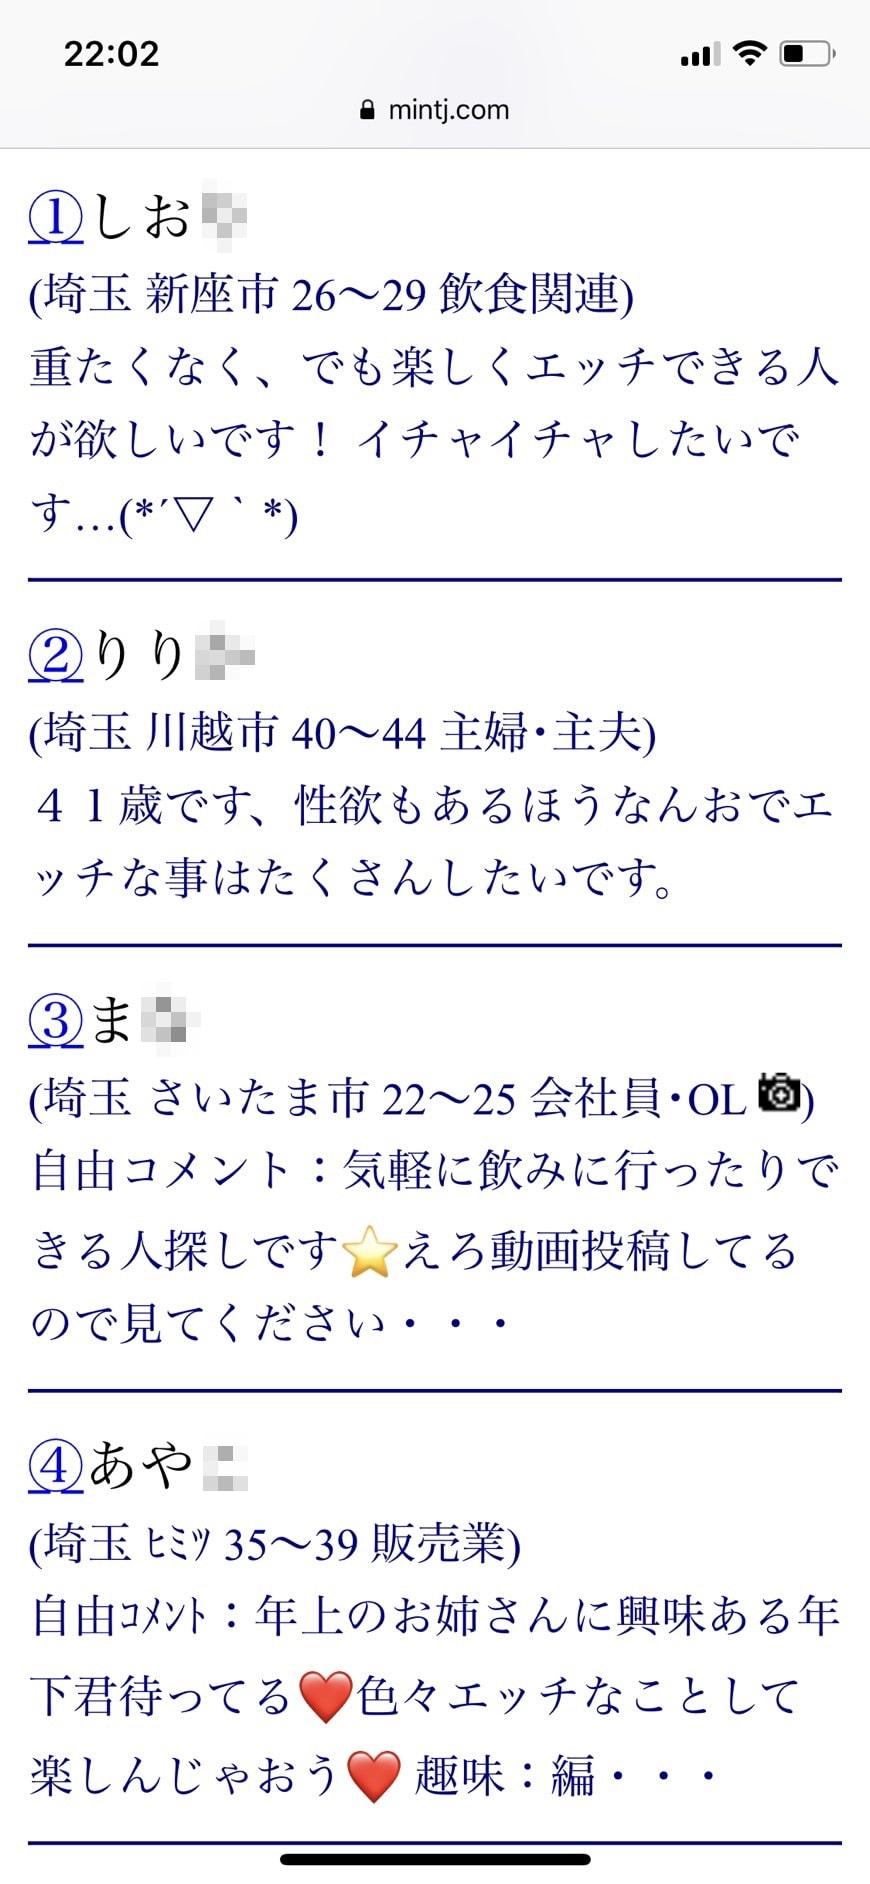 エッチ目的・埼玉割り切り出会い掲示板(Jメール)